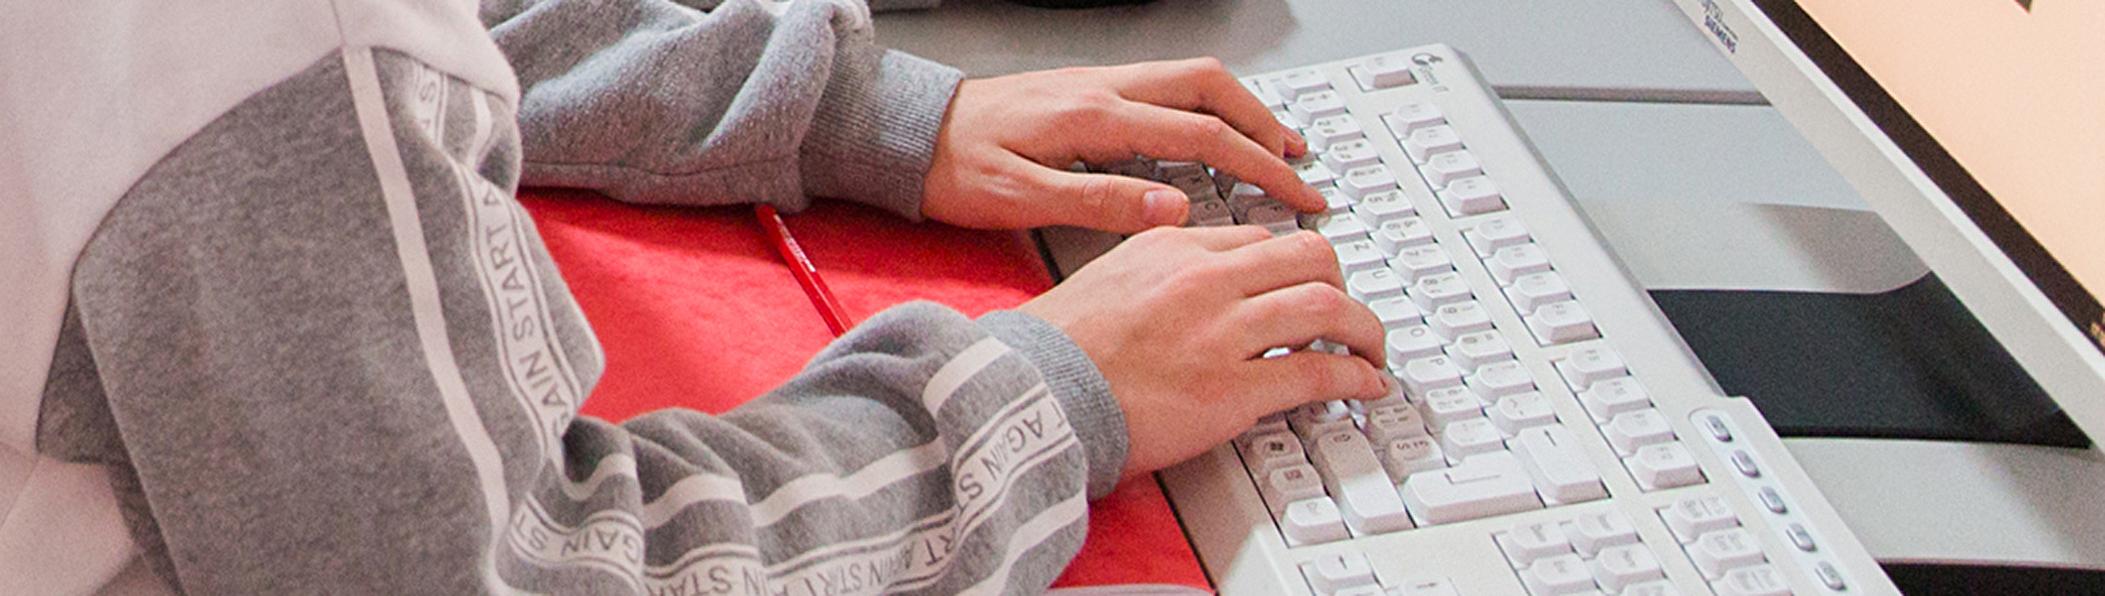 Hände liegen auf der Tastatur